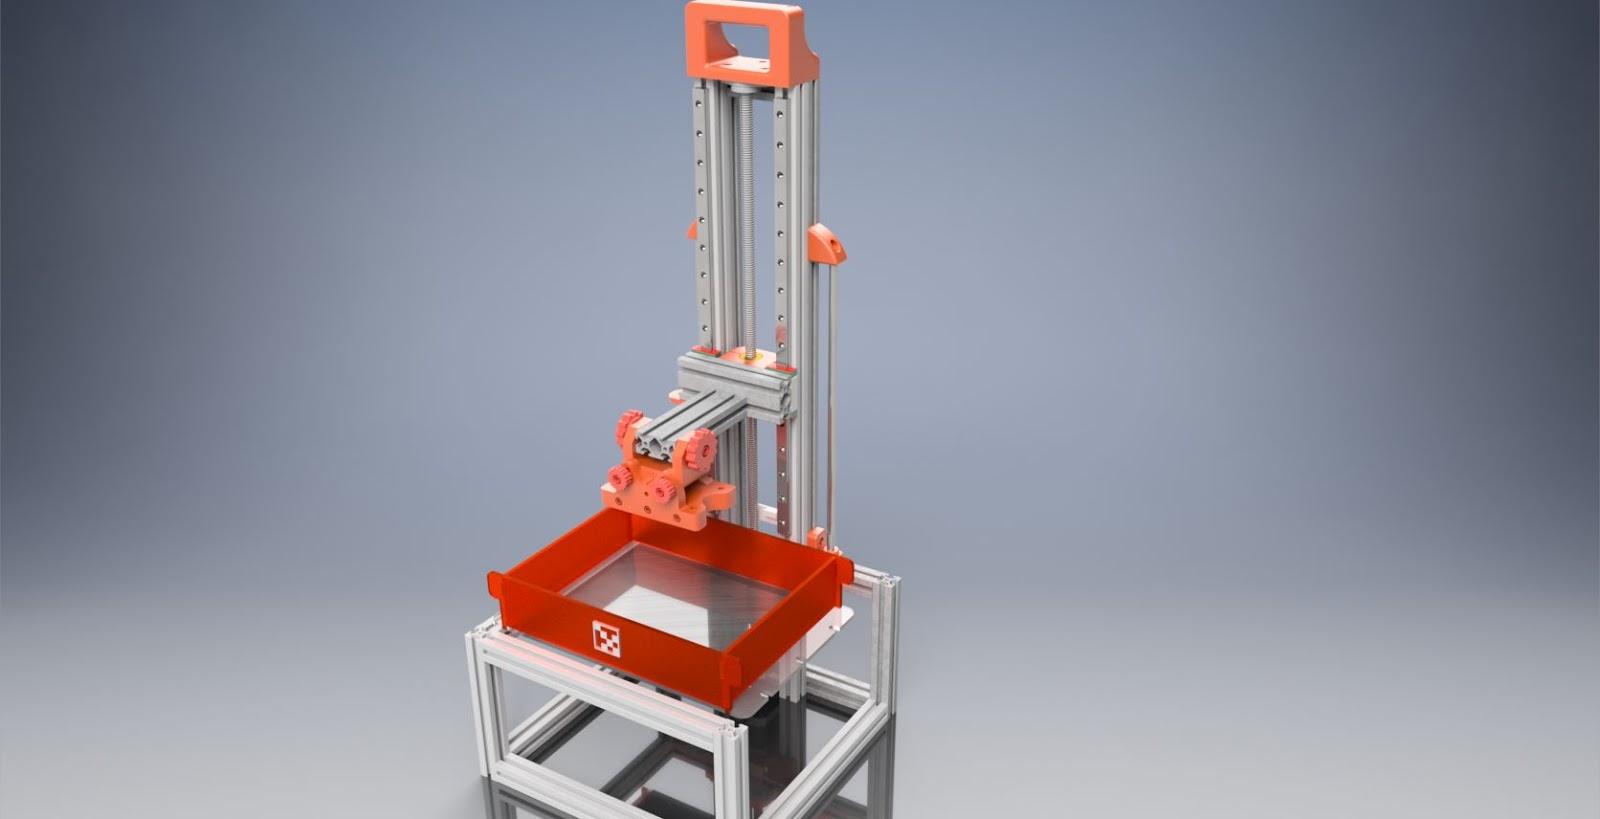 SLA LCD / DLP Resin 3D Printer